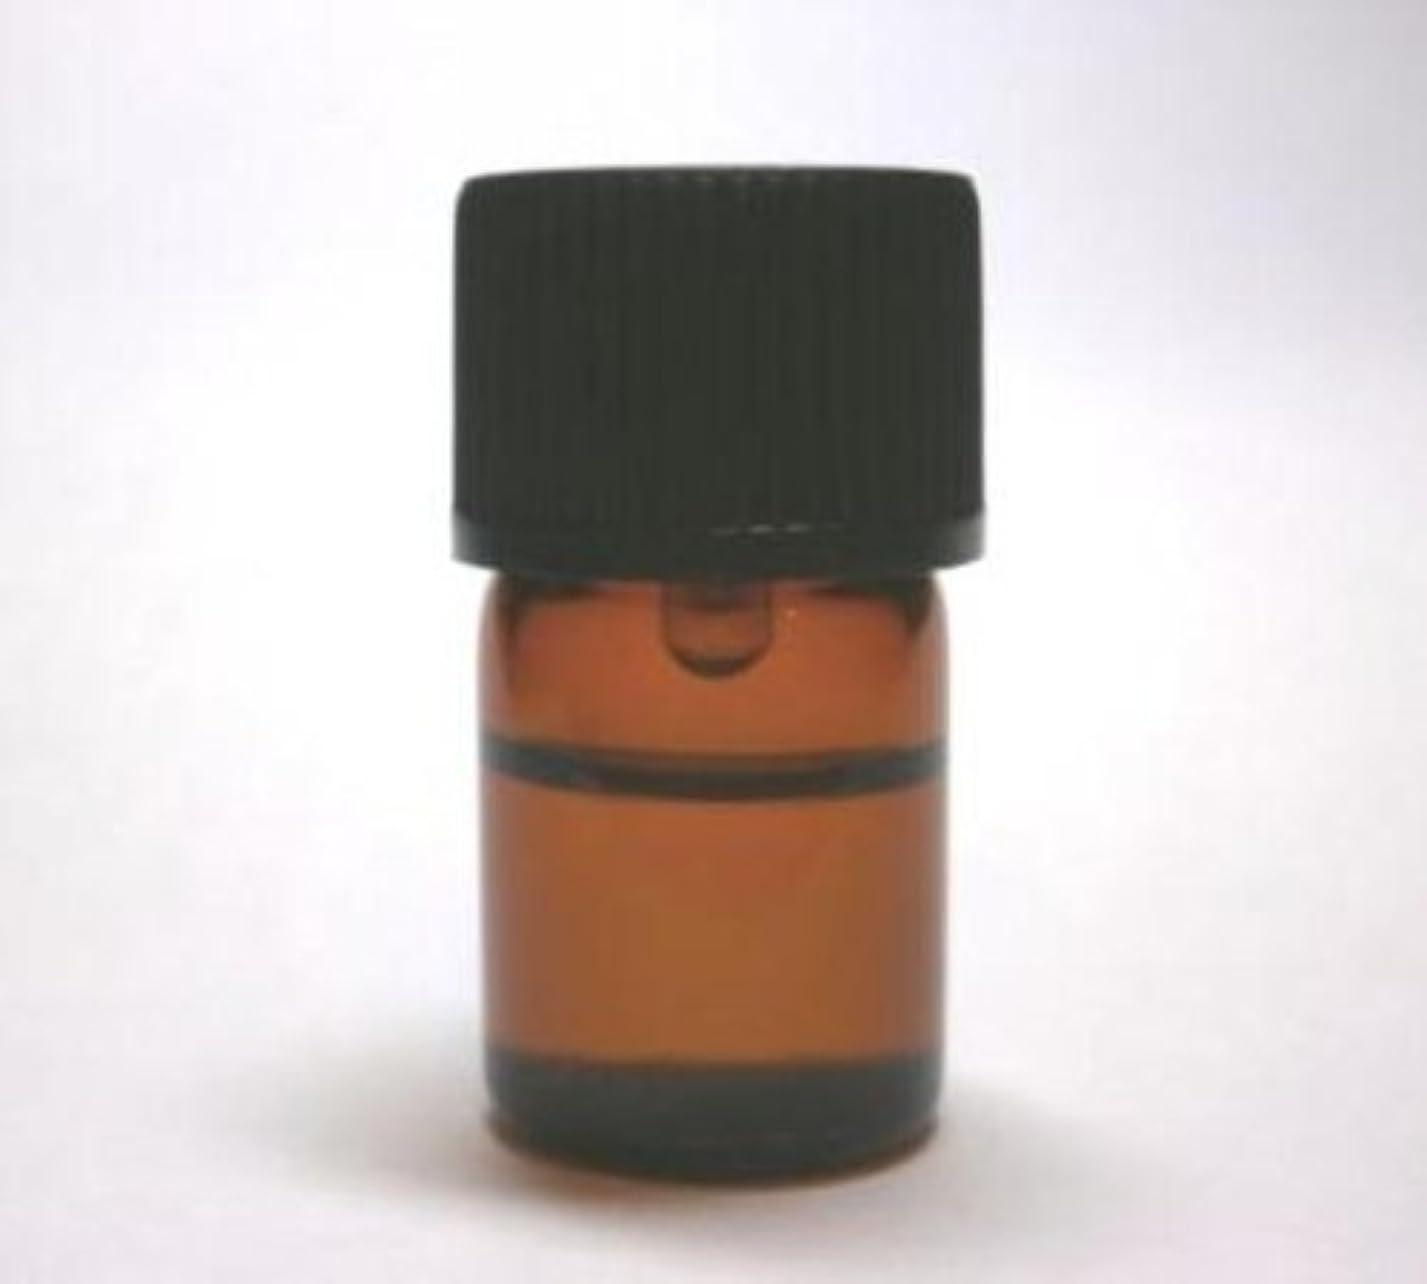 要塞致命的追放ローズオットー100%:3ml/ローズエッセンシャルオイル/ローズ精油/ローズオイル